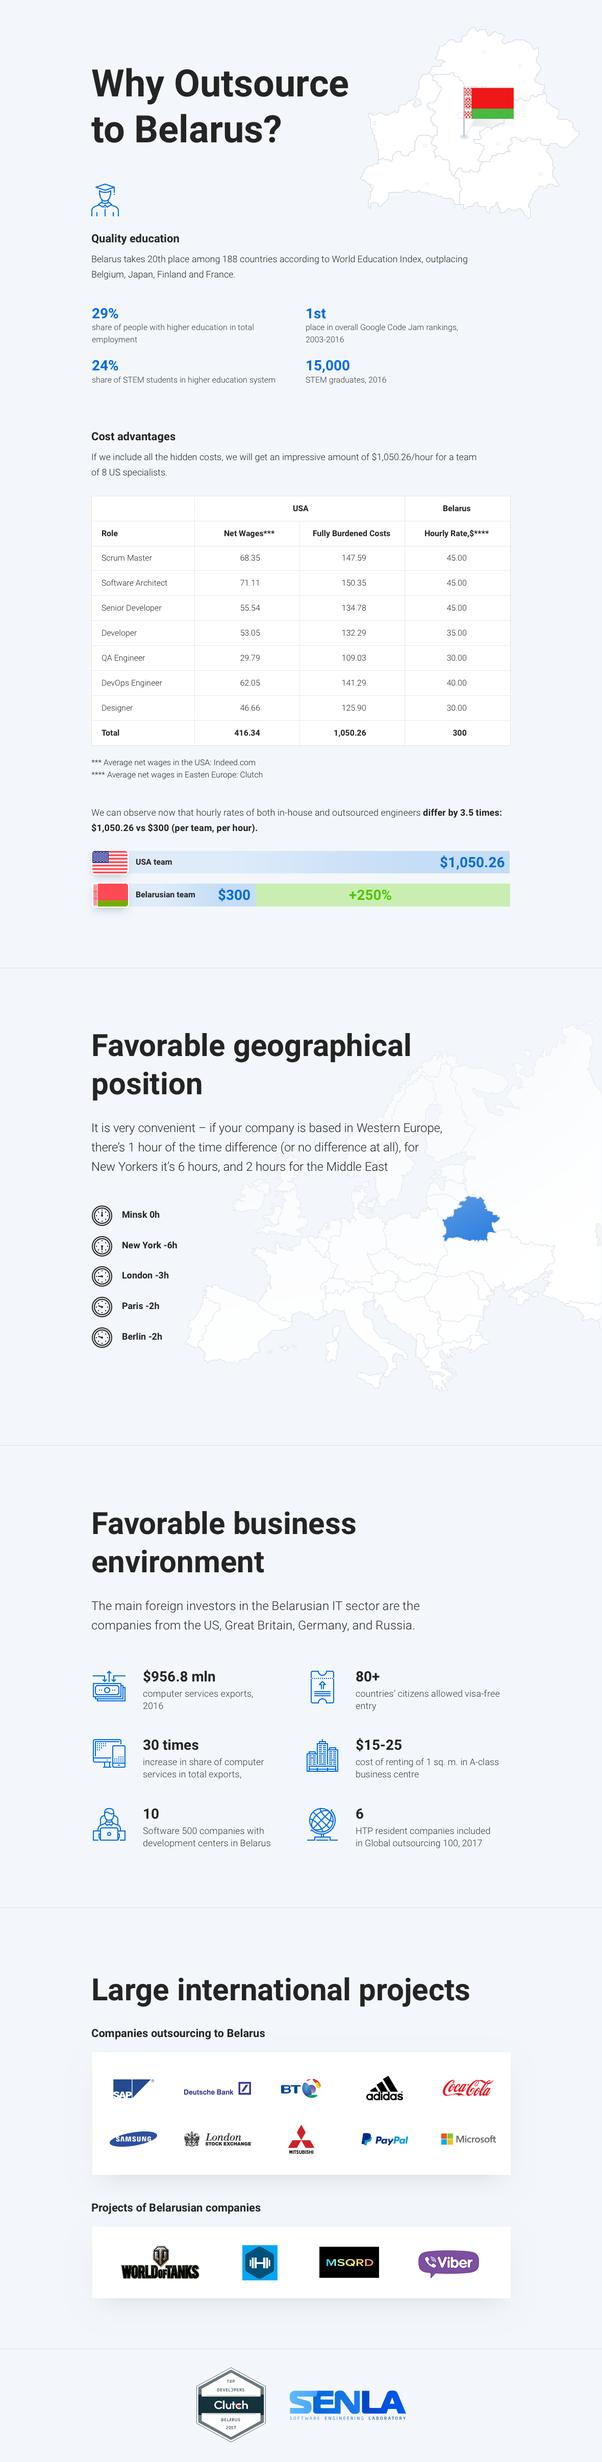 Quel est le meilleur pays d'Europe de l'Est à externaliser?